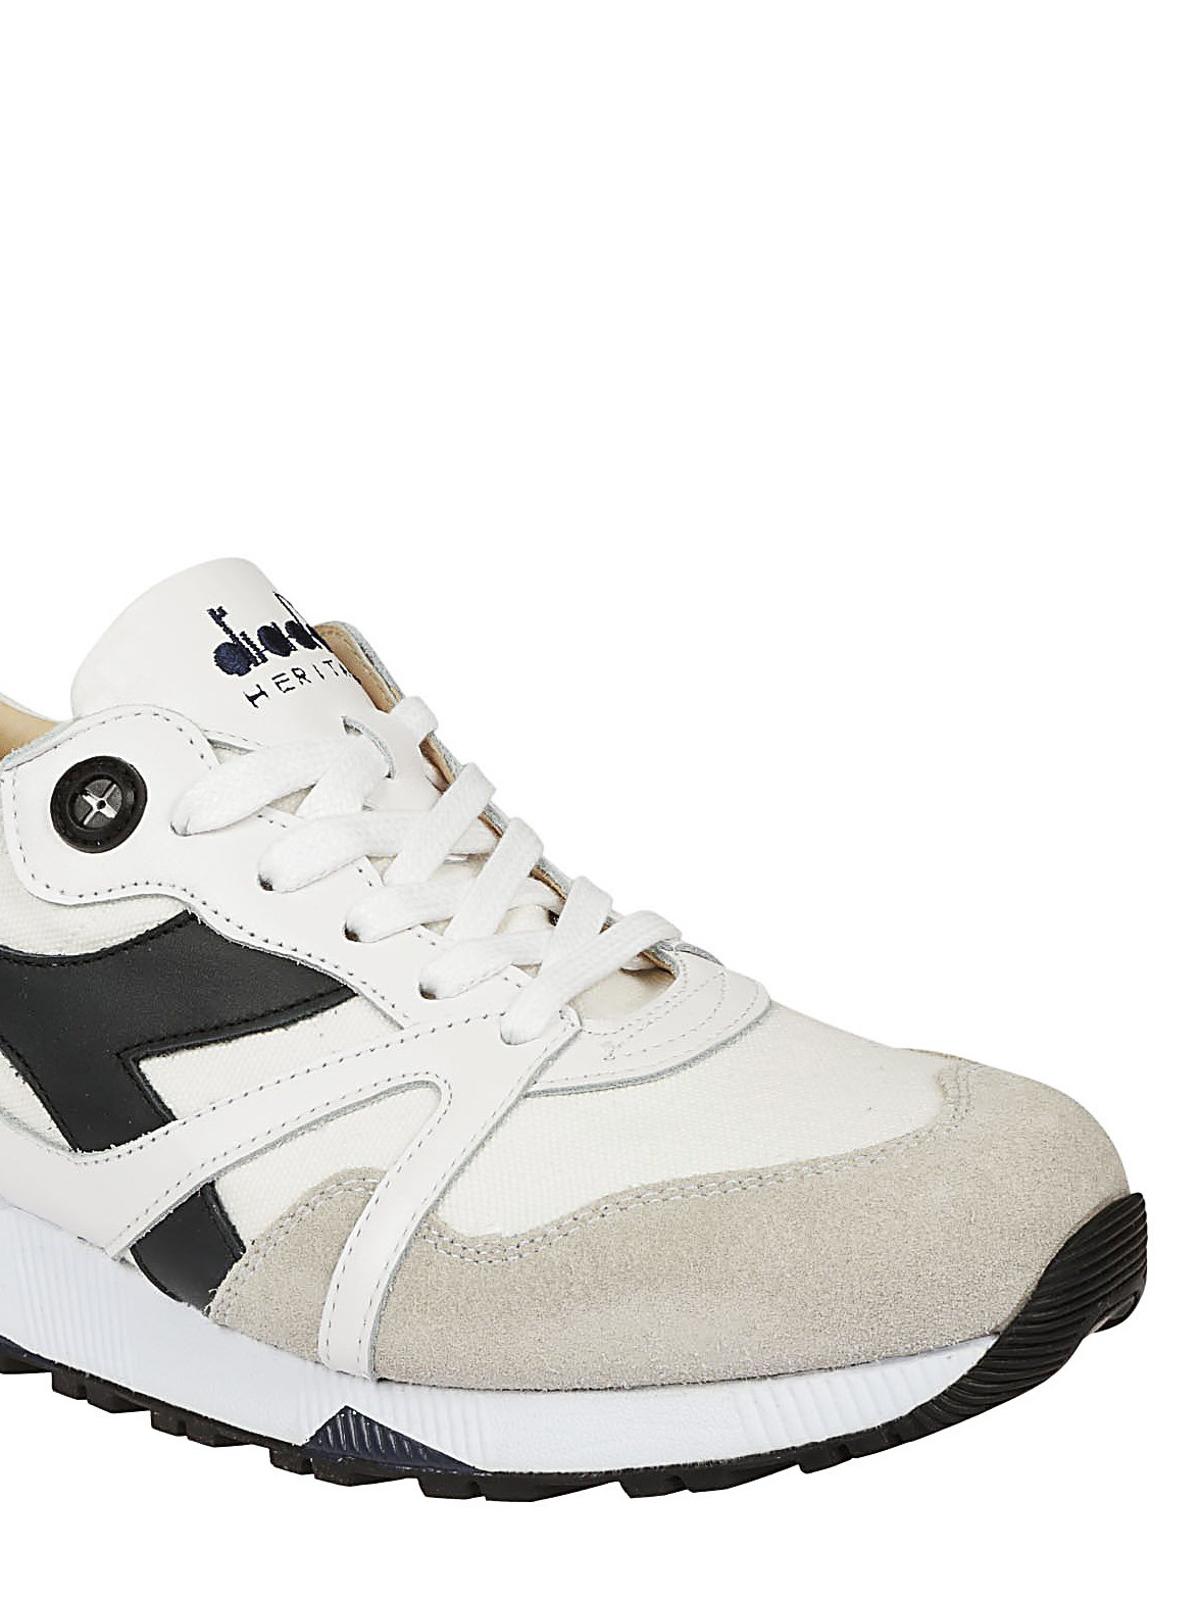 Diadora - White N9000 H Ita sneakers